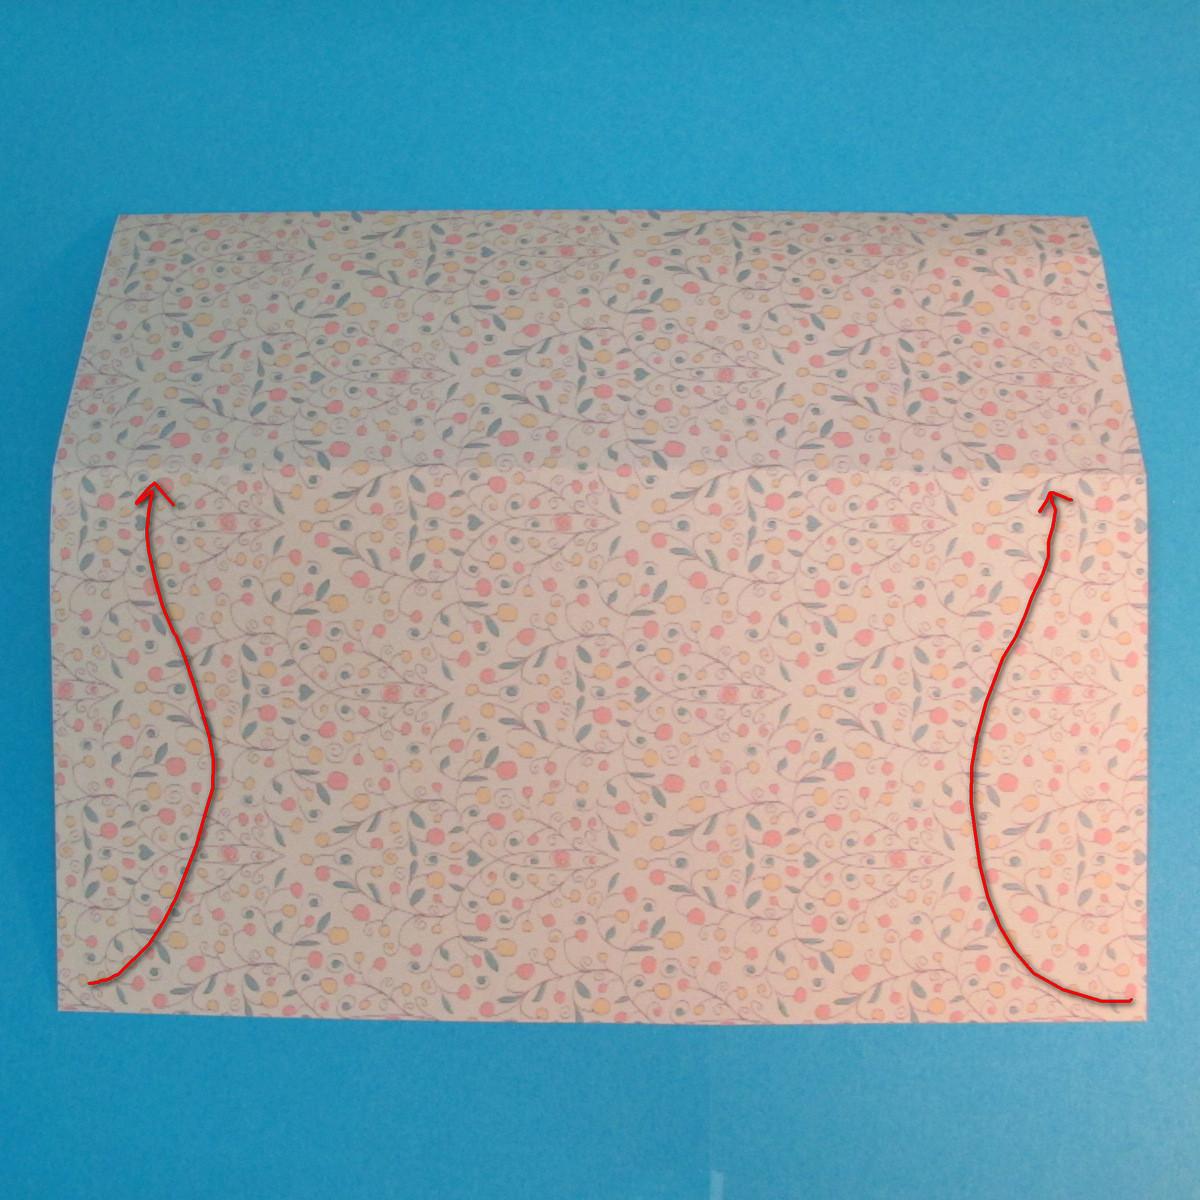 วิธีพับกระดาษเป็นผีเสื้อหางแฉก 010